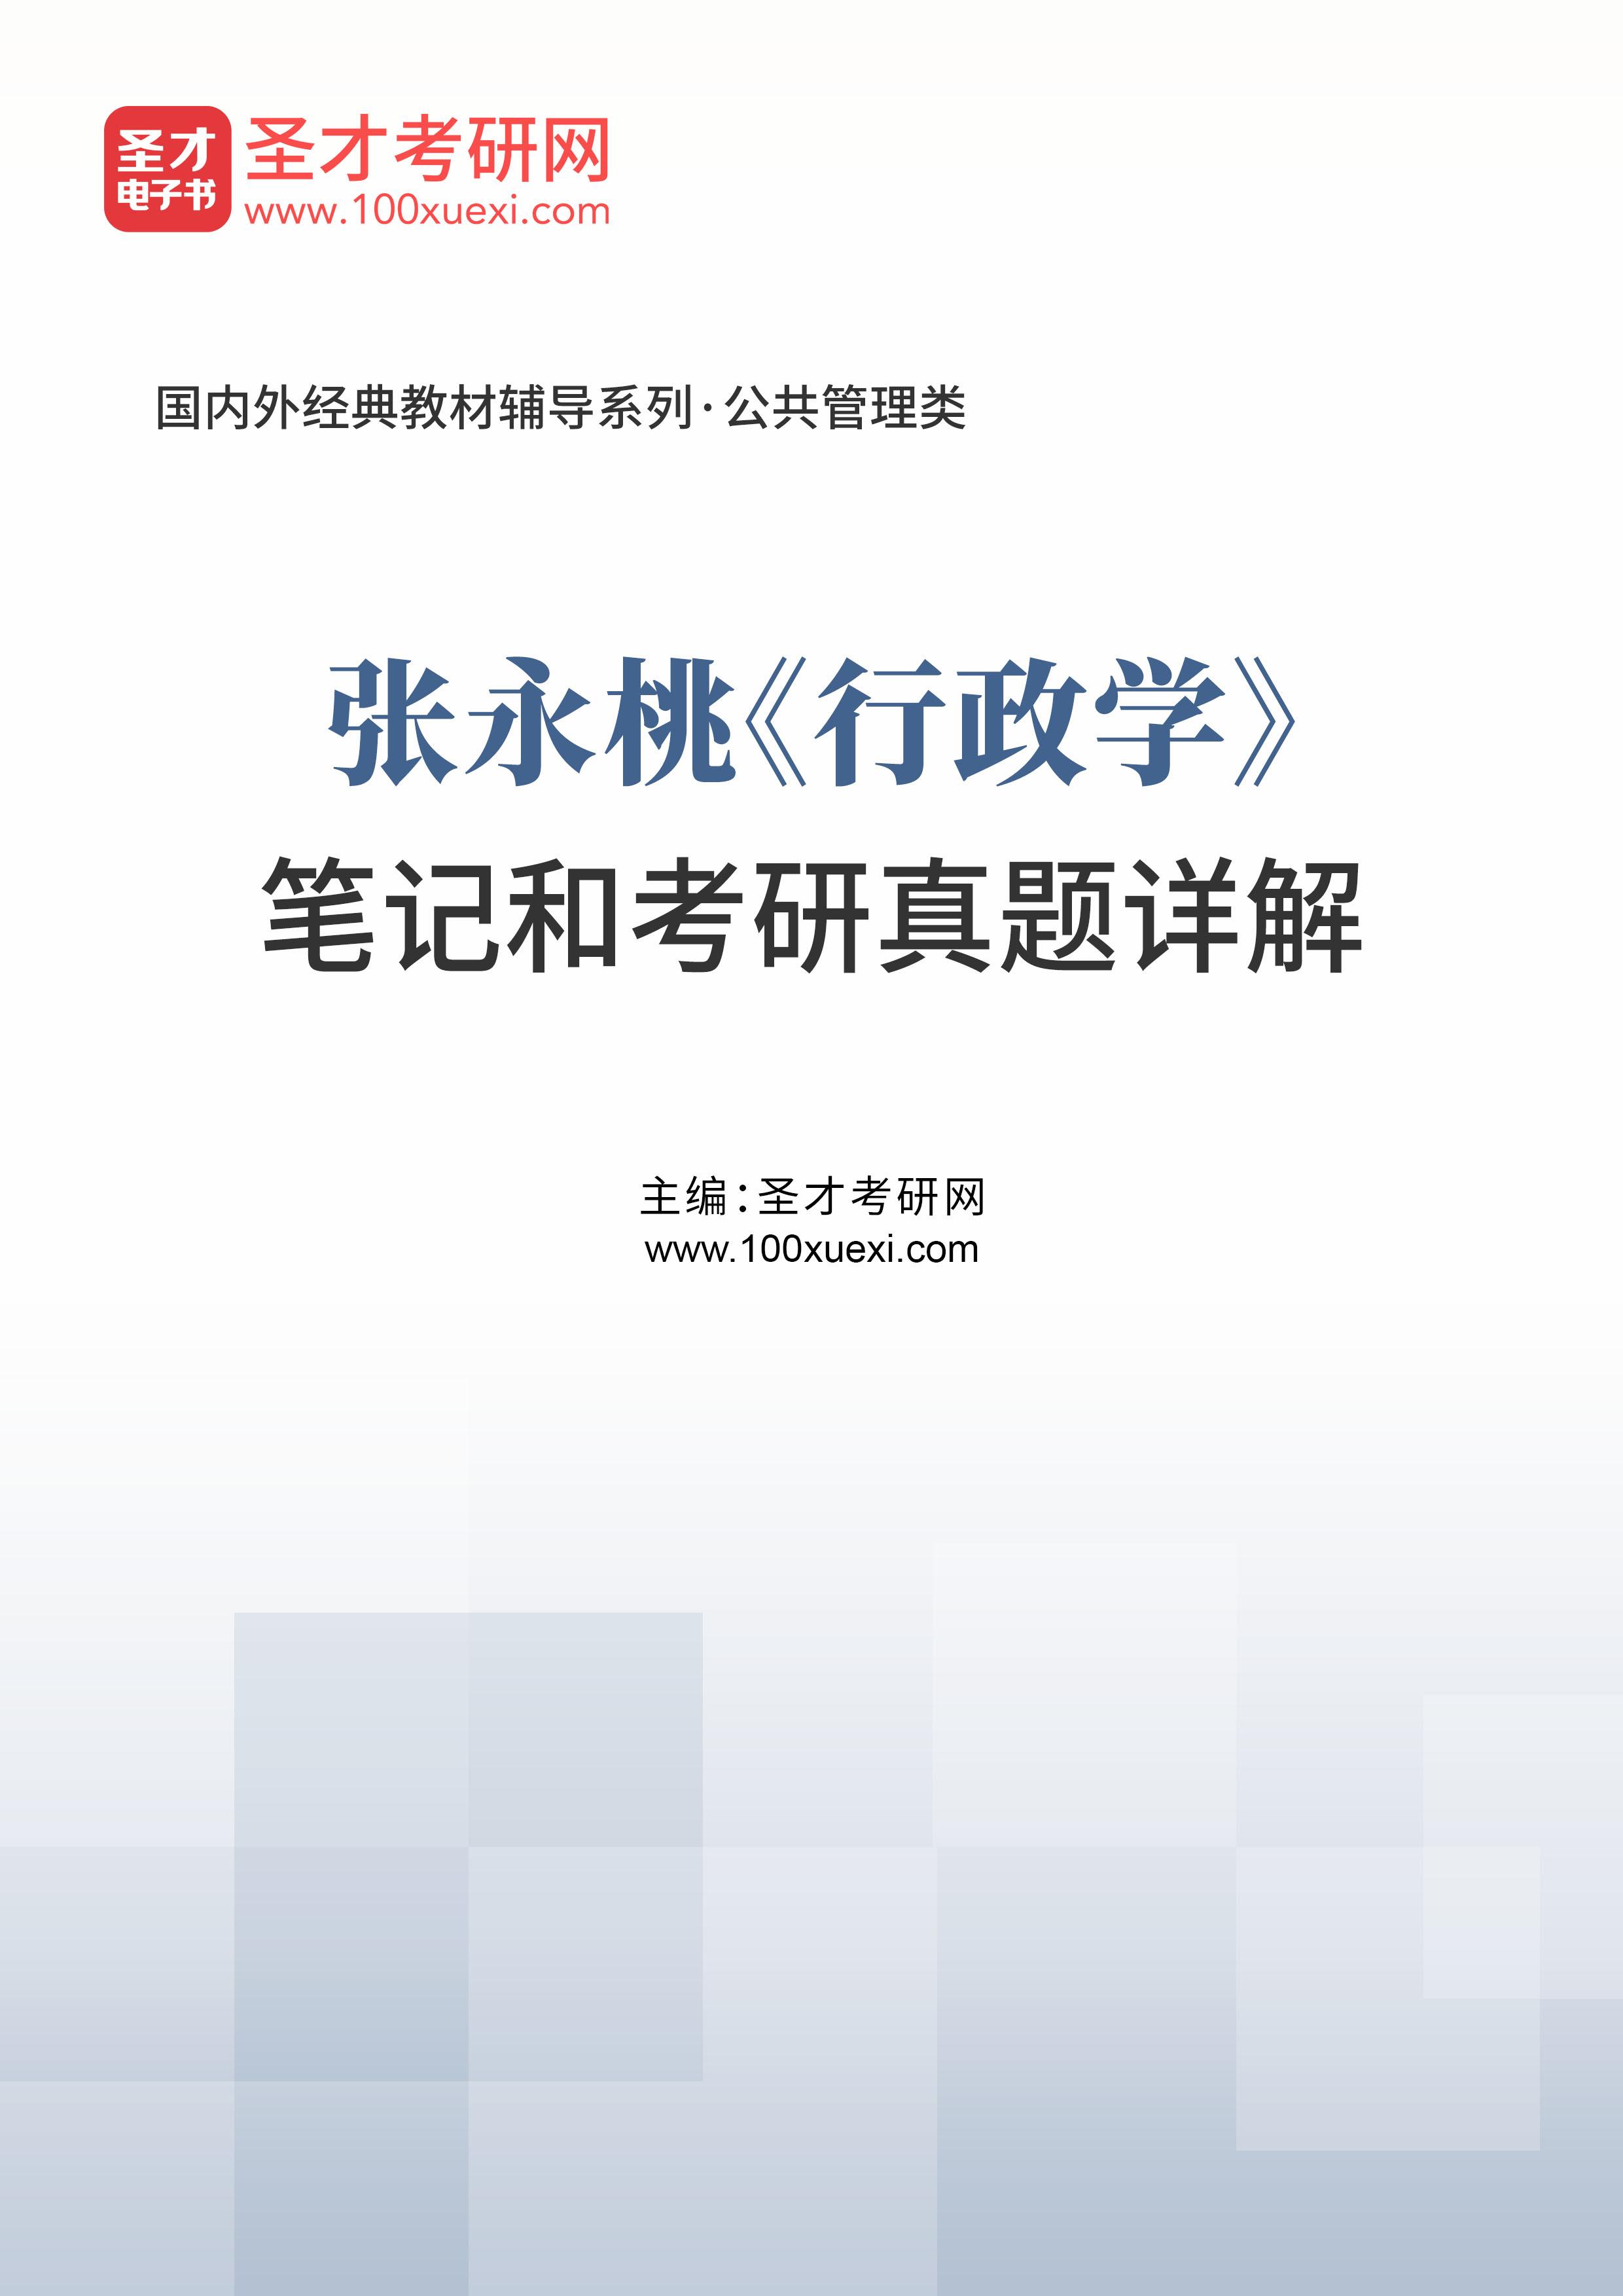 张永桃《行政学》笔记和考研真题详解